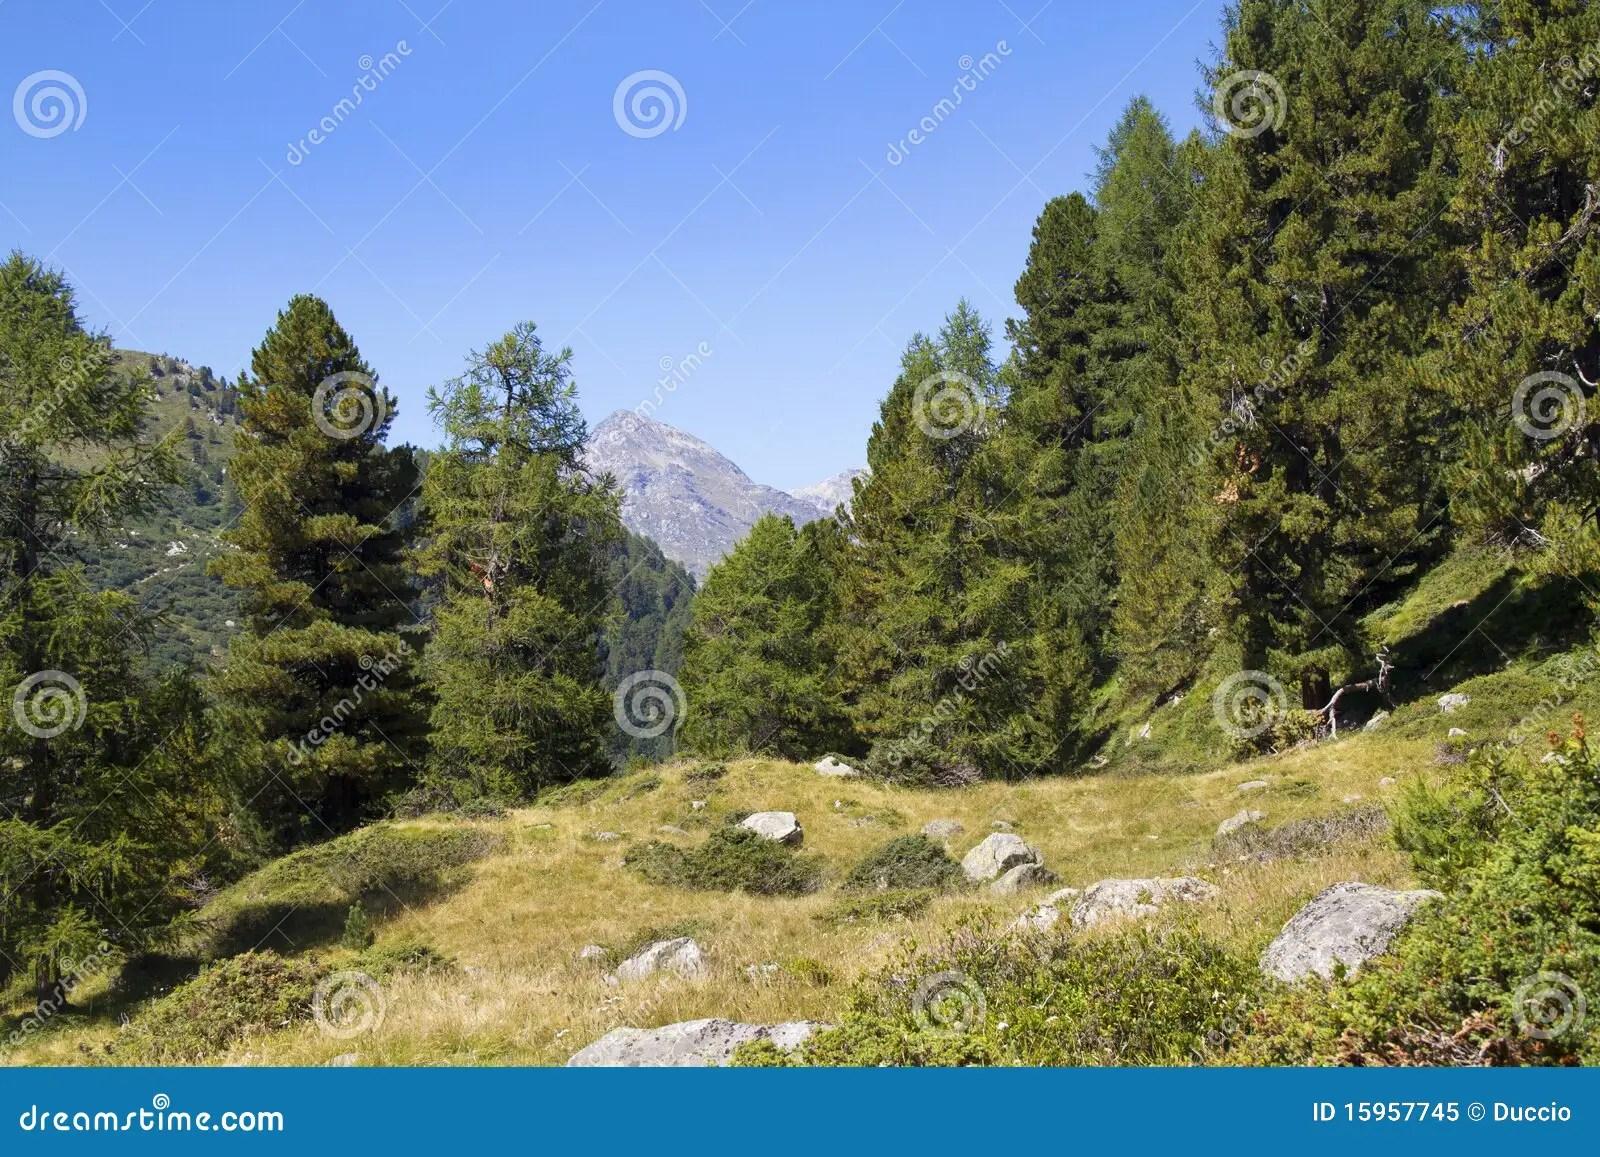 Pino di montagna immagine stock Immagine di piante